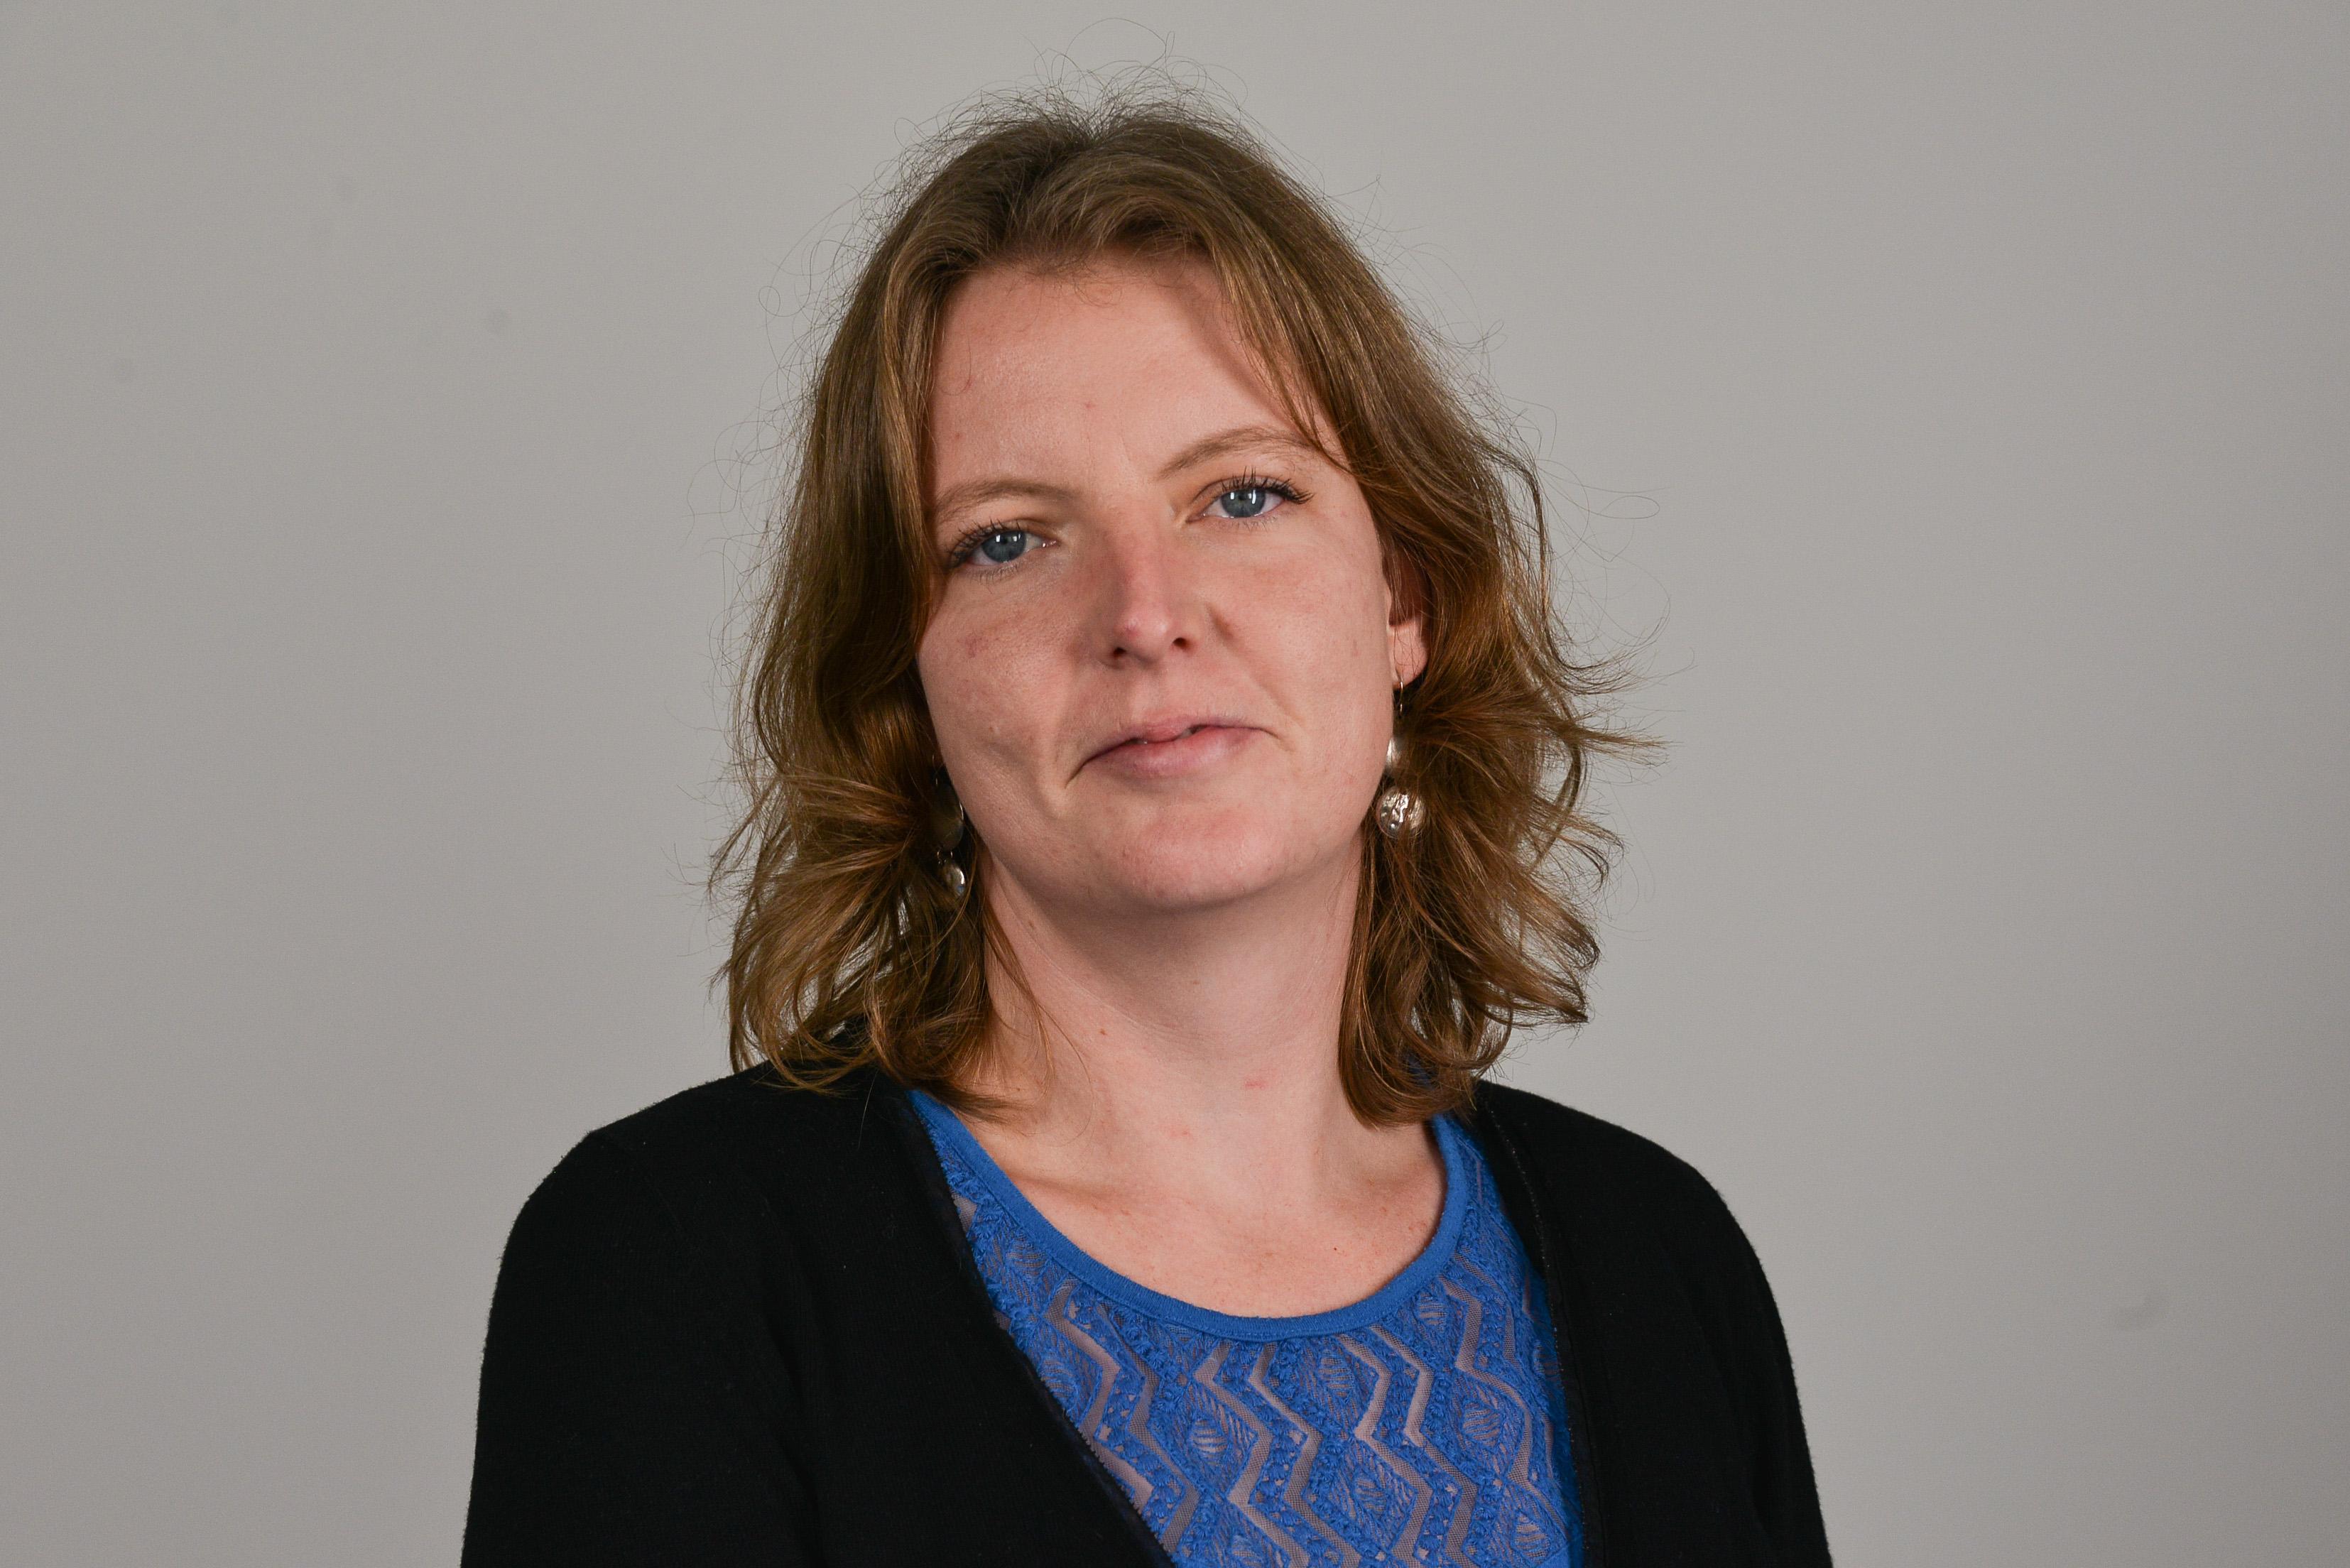 Audrey Keraval